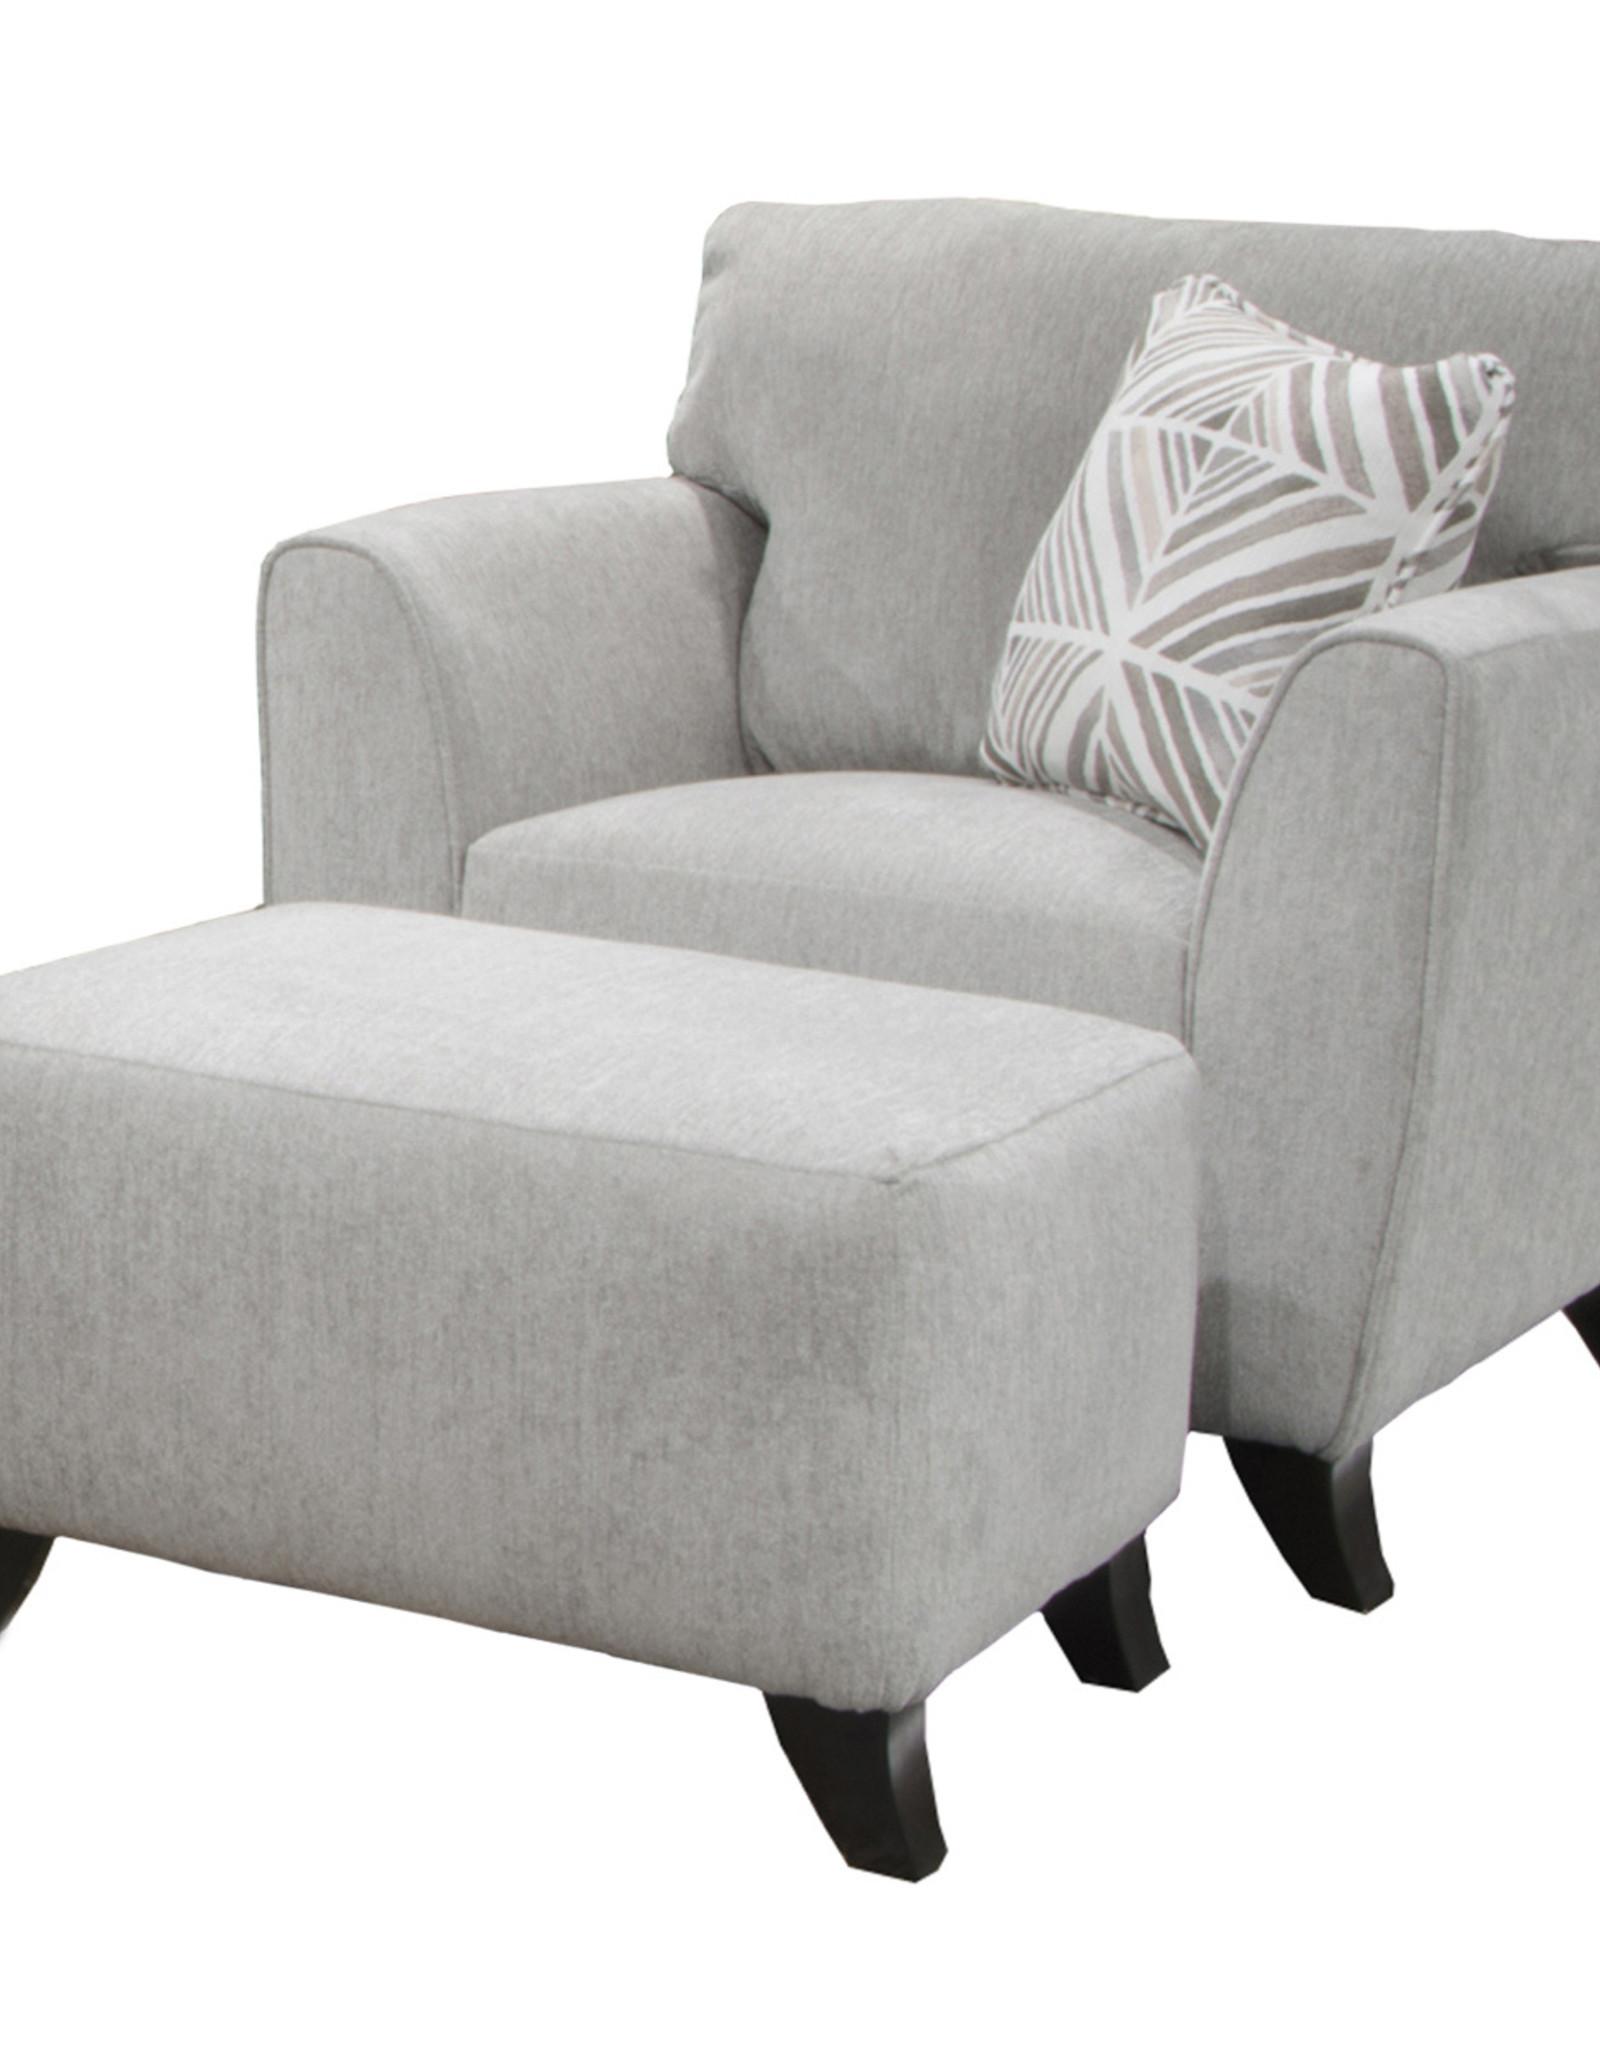 Jackson Catnapper Alyssa Chair